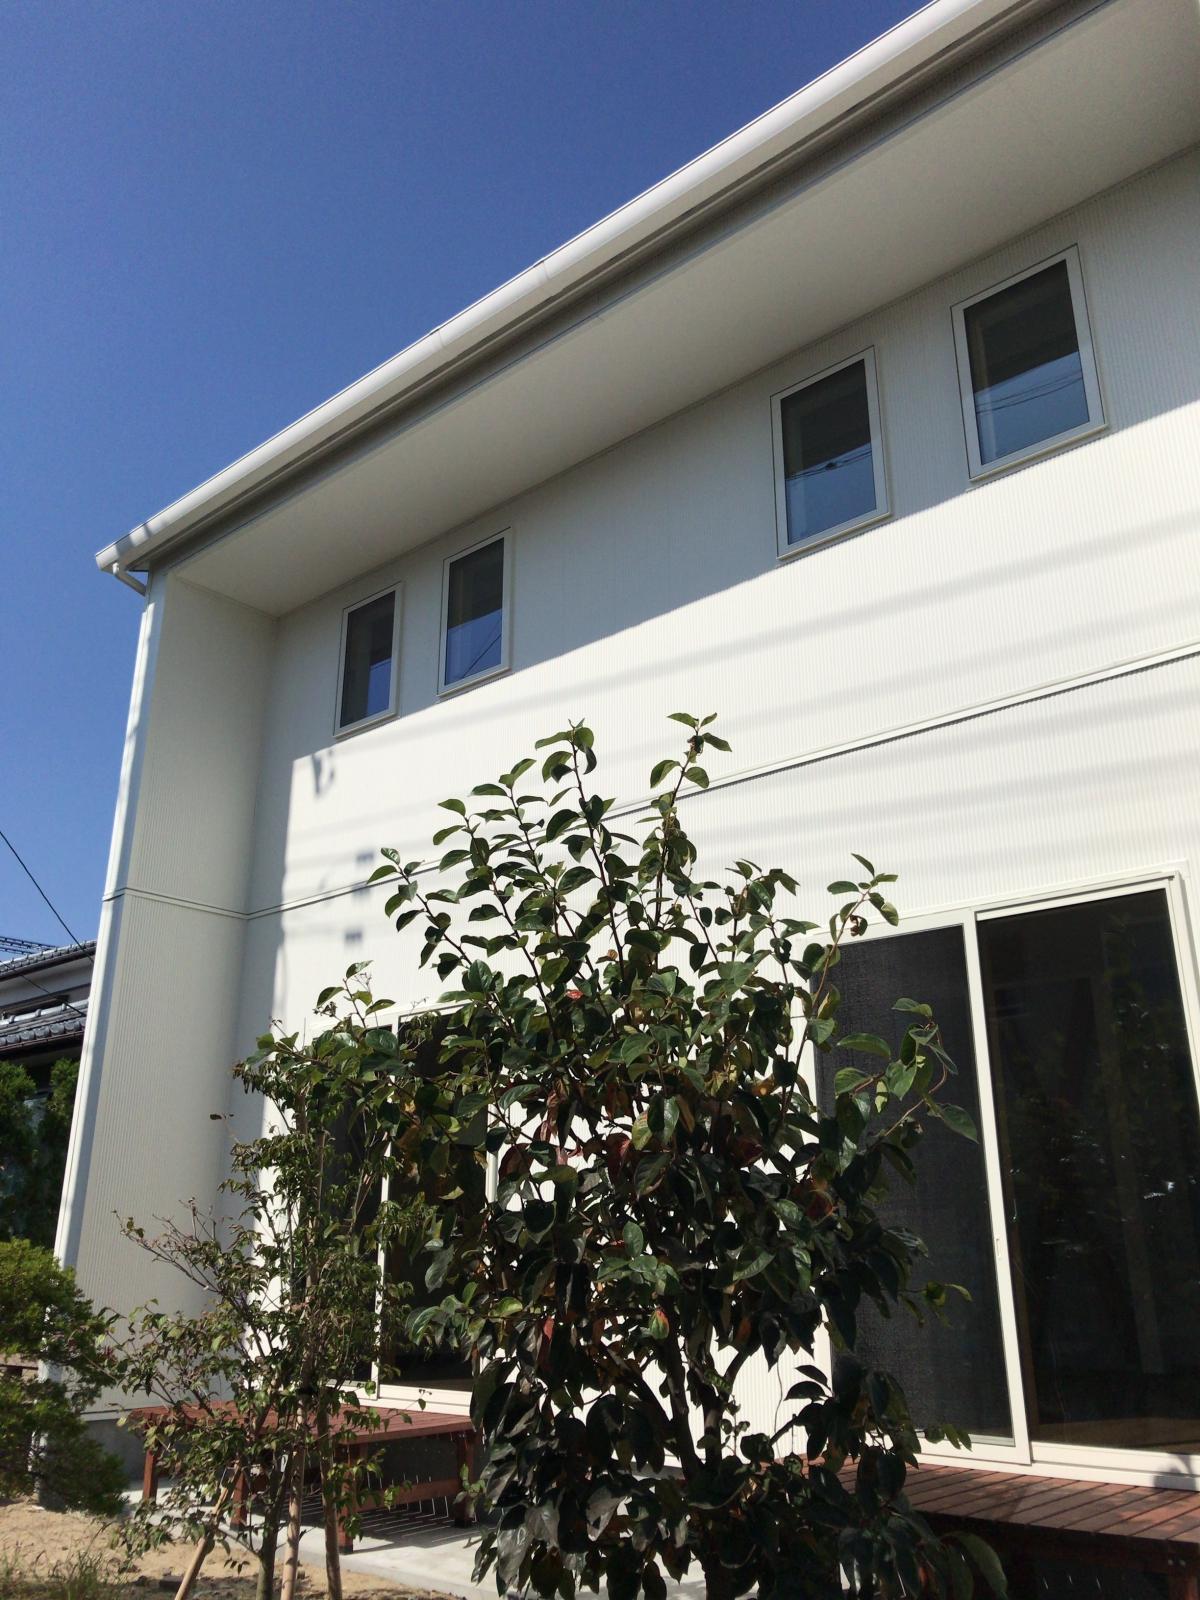 真っ白な外観が目を引きます。メンテナンスを考慮した金属製の外壁材です。